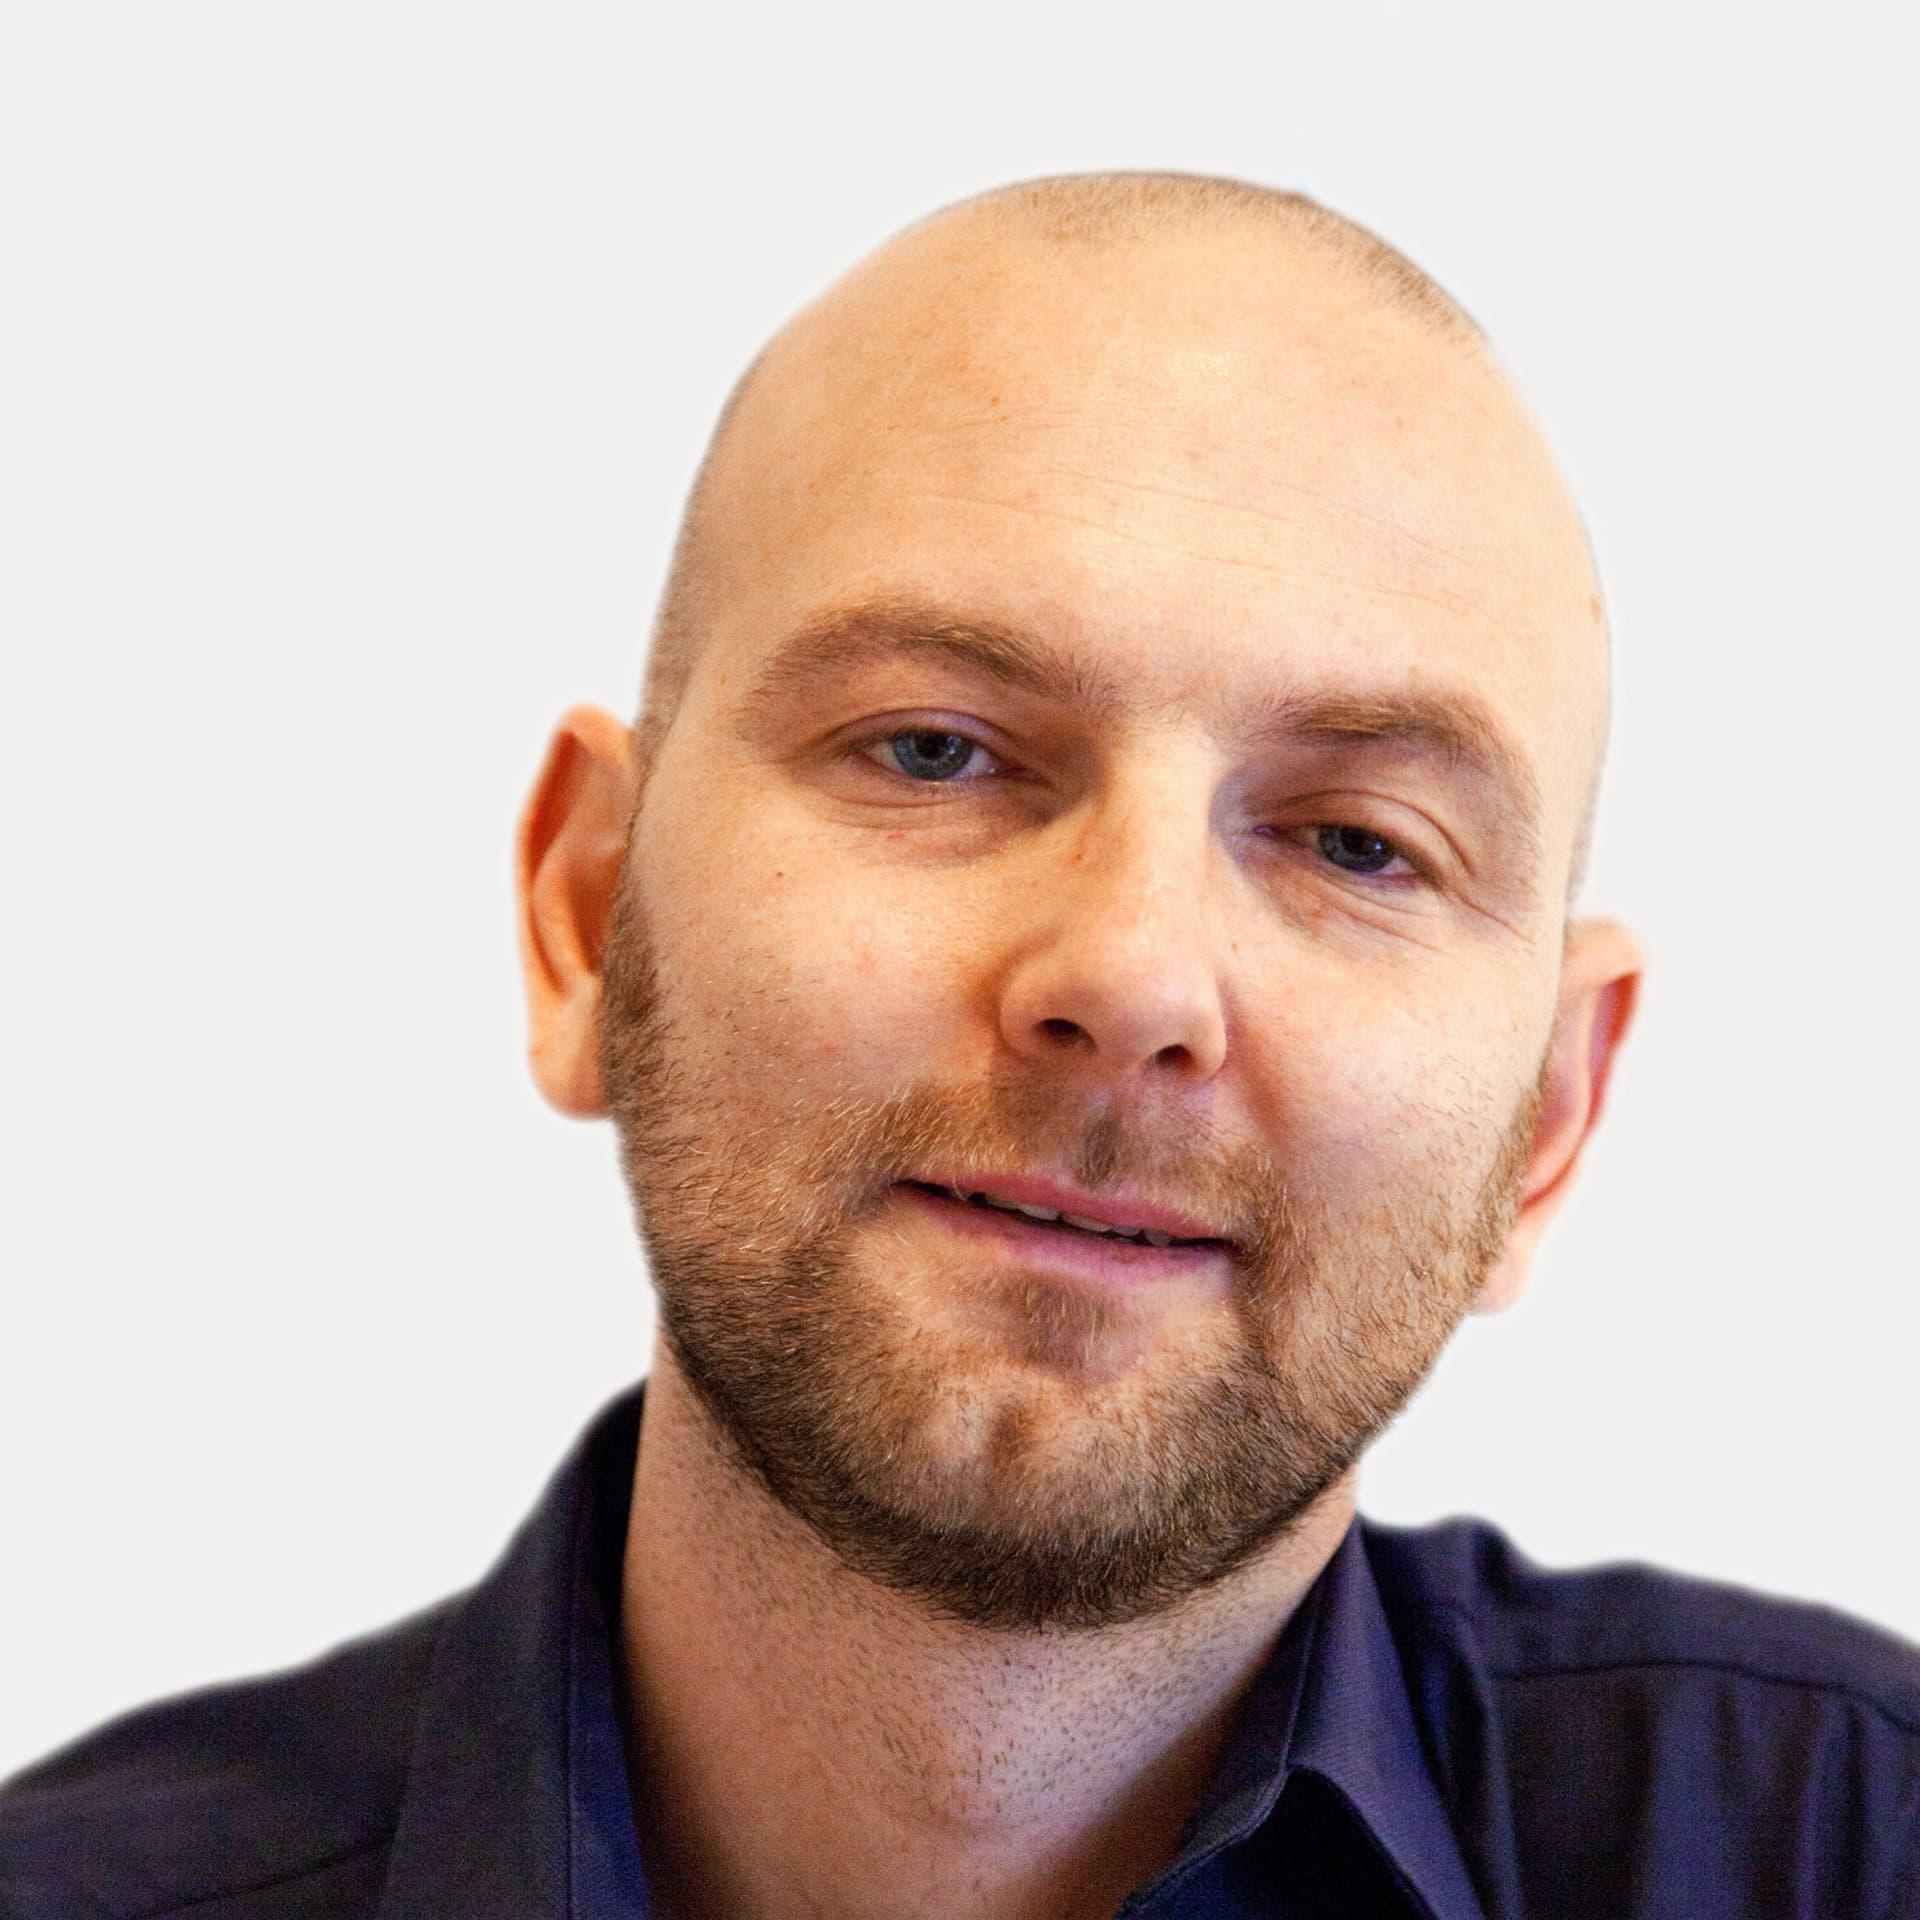 Ein Mann mit Glatze und dunkelblauem Hemd